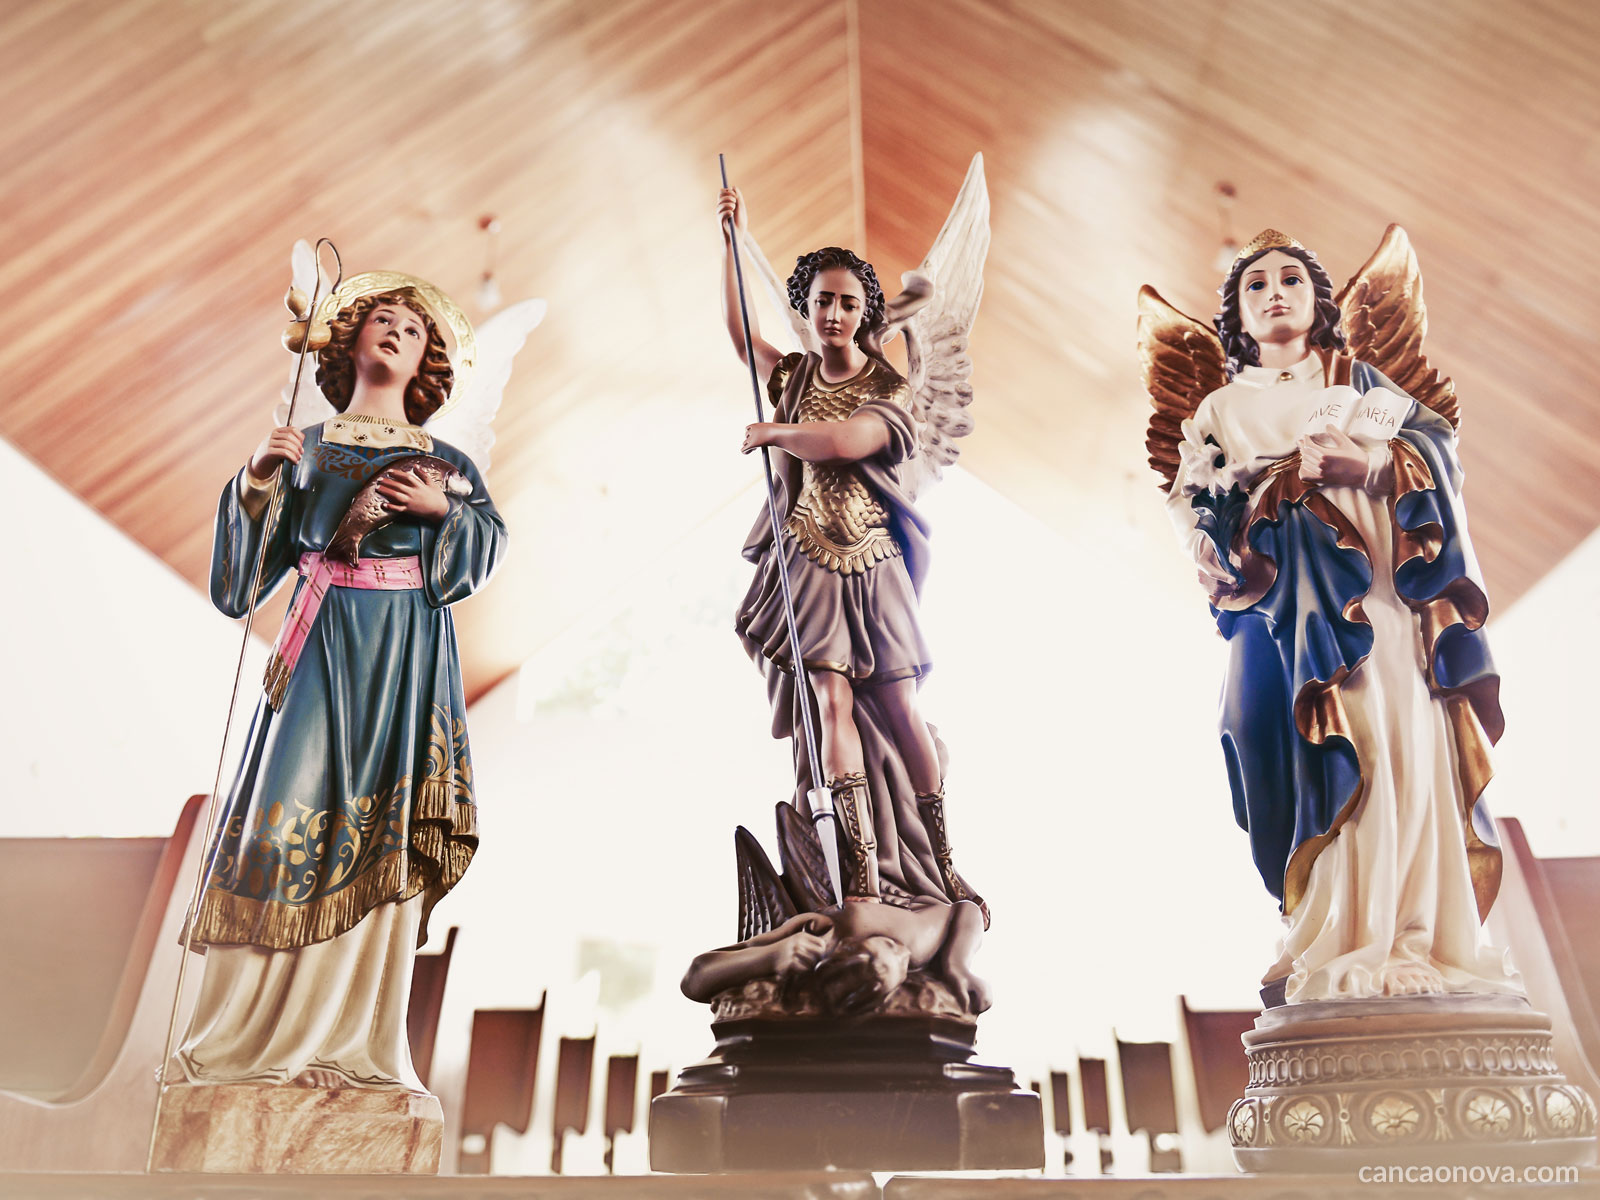 Entenda sobre a função angélica dos anjos e seus poderes